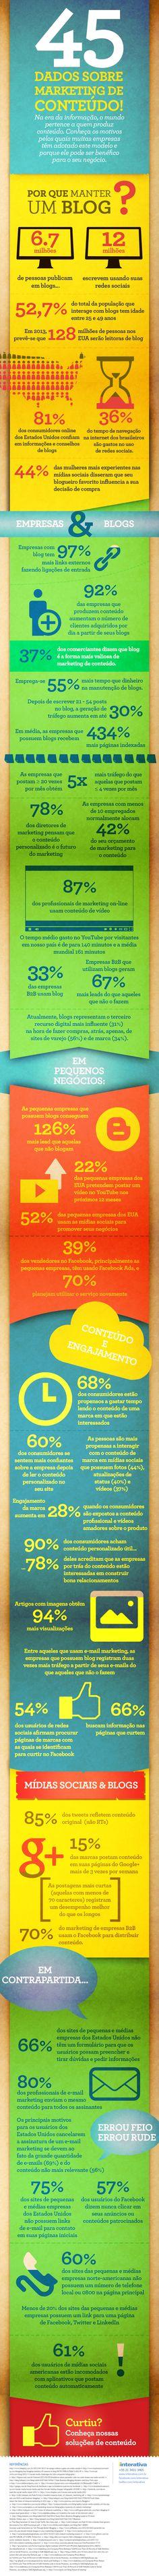 Infográficos - Dados sobre blogs, redes sociais e produção de conteúdo Midias Blog